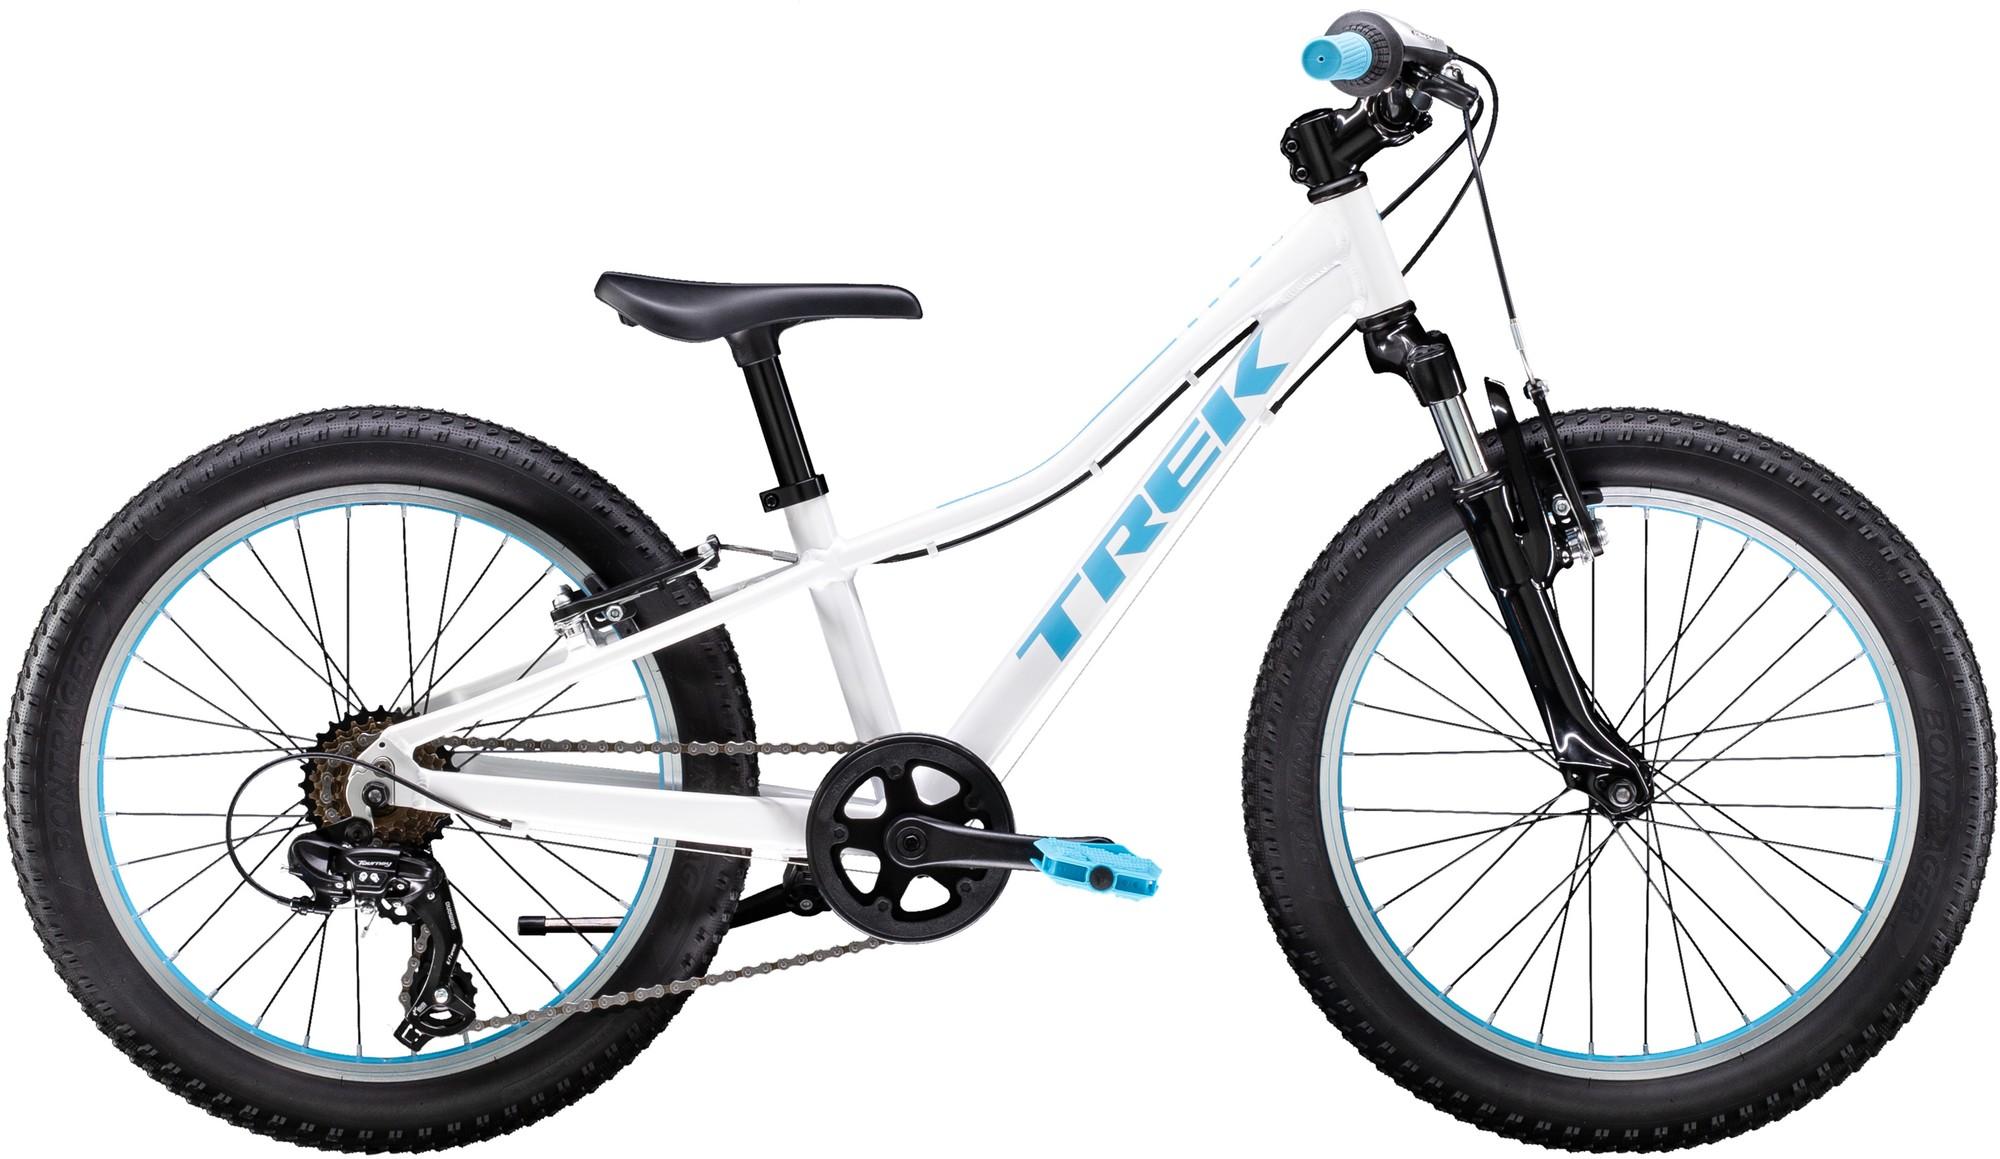 Trek Велосипед подростковый женский Trek Precaliber 20 7sp Girls 20